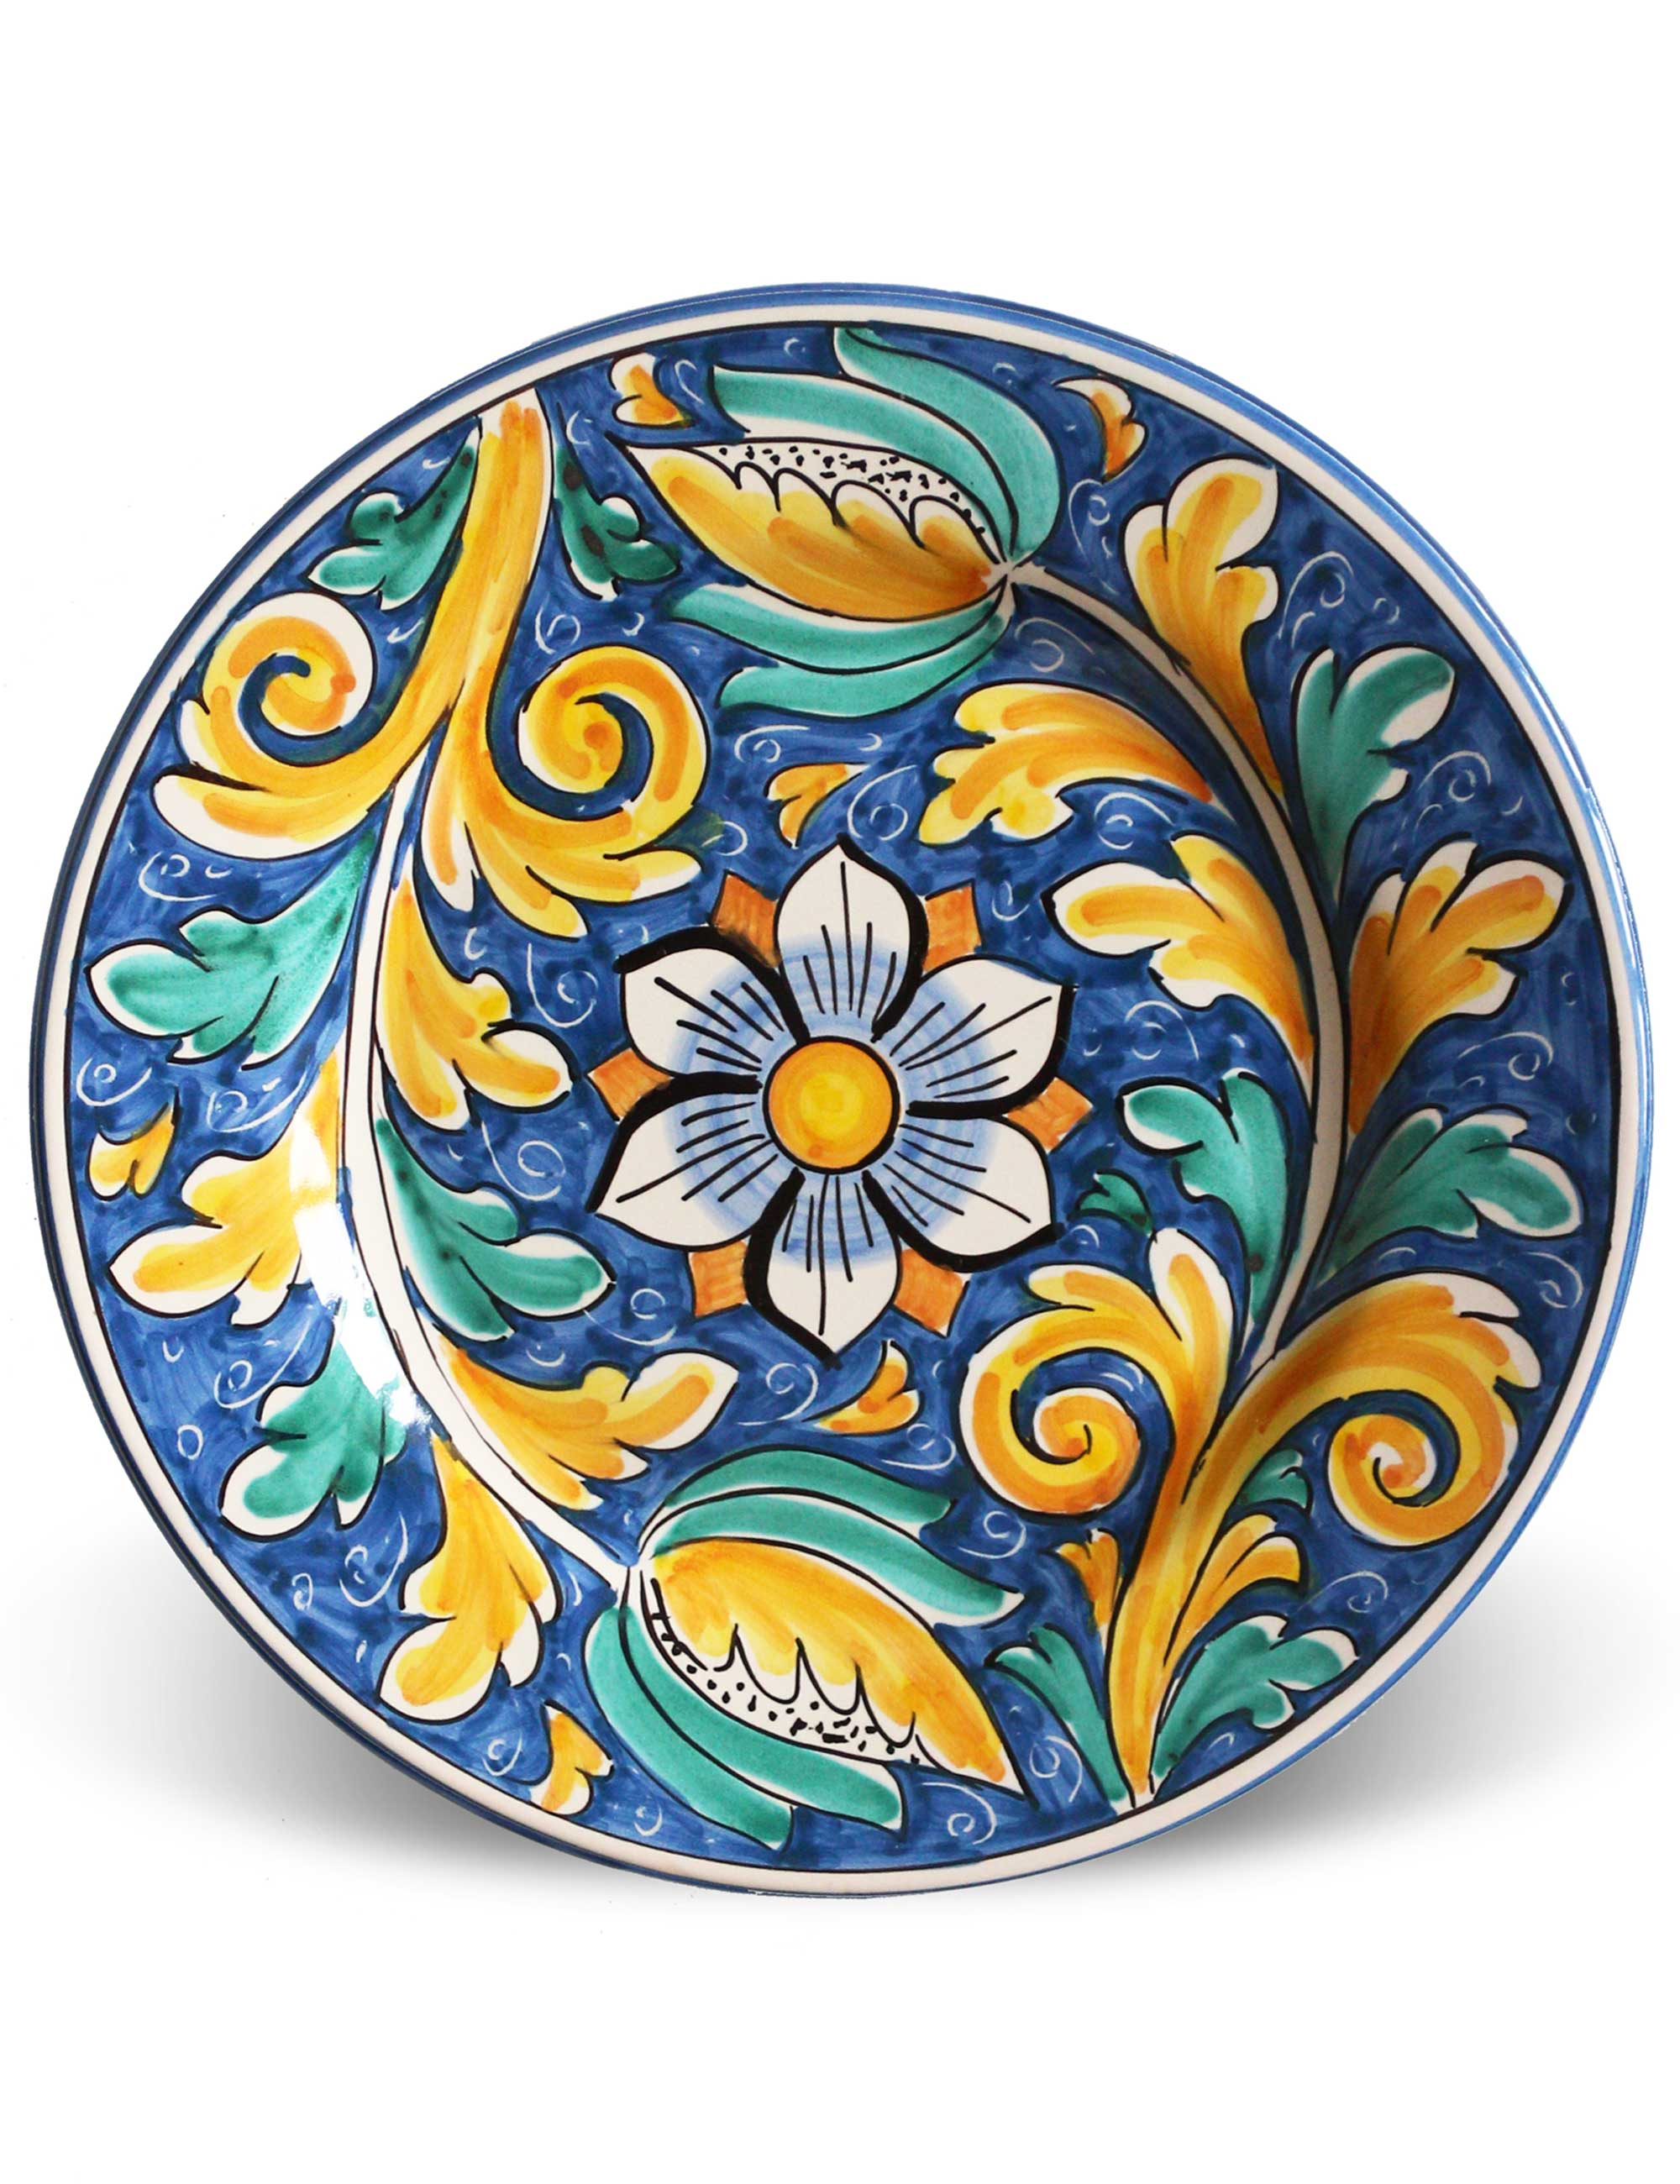 Piatto piano ceramica artigianale siciliana mondello - Piatti di frutta decorati ...